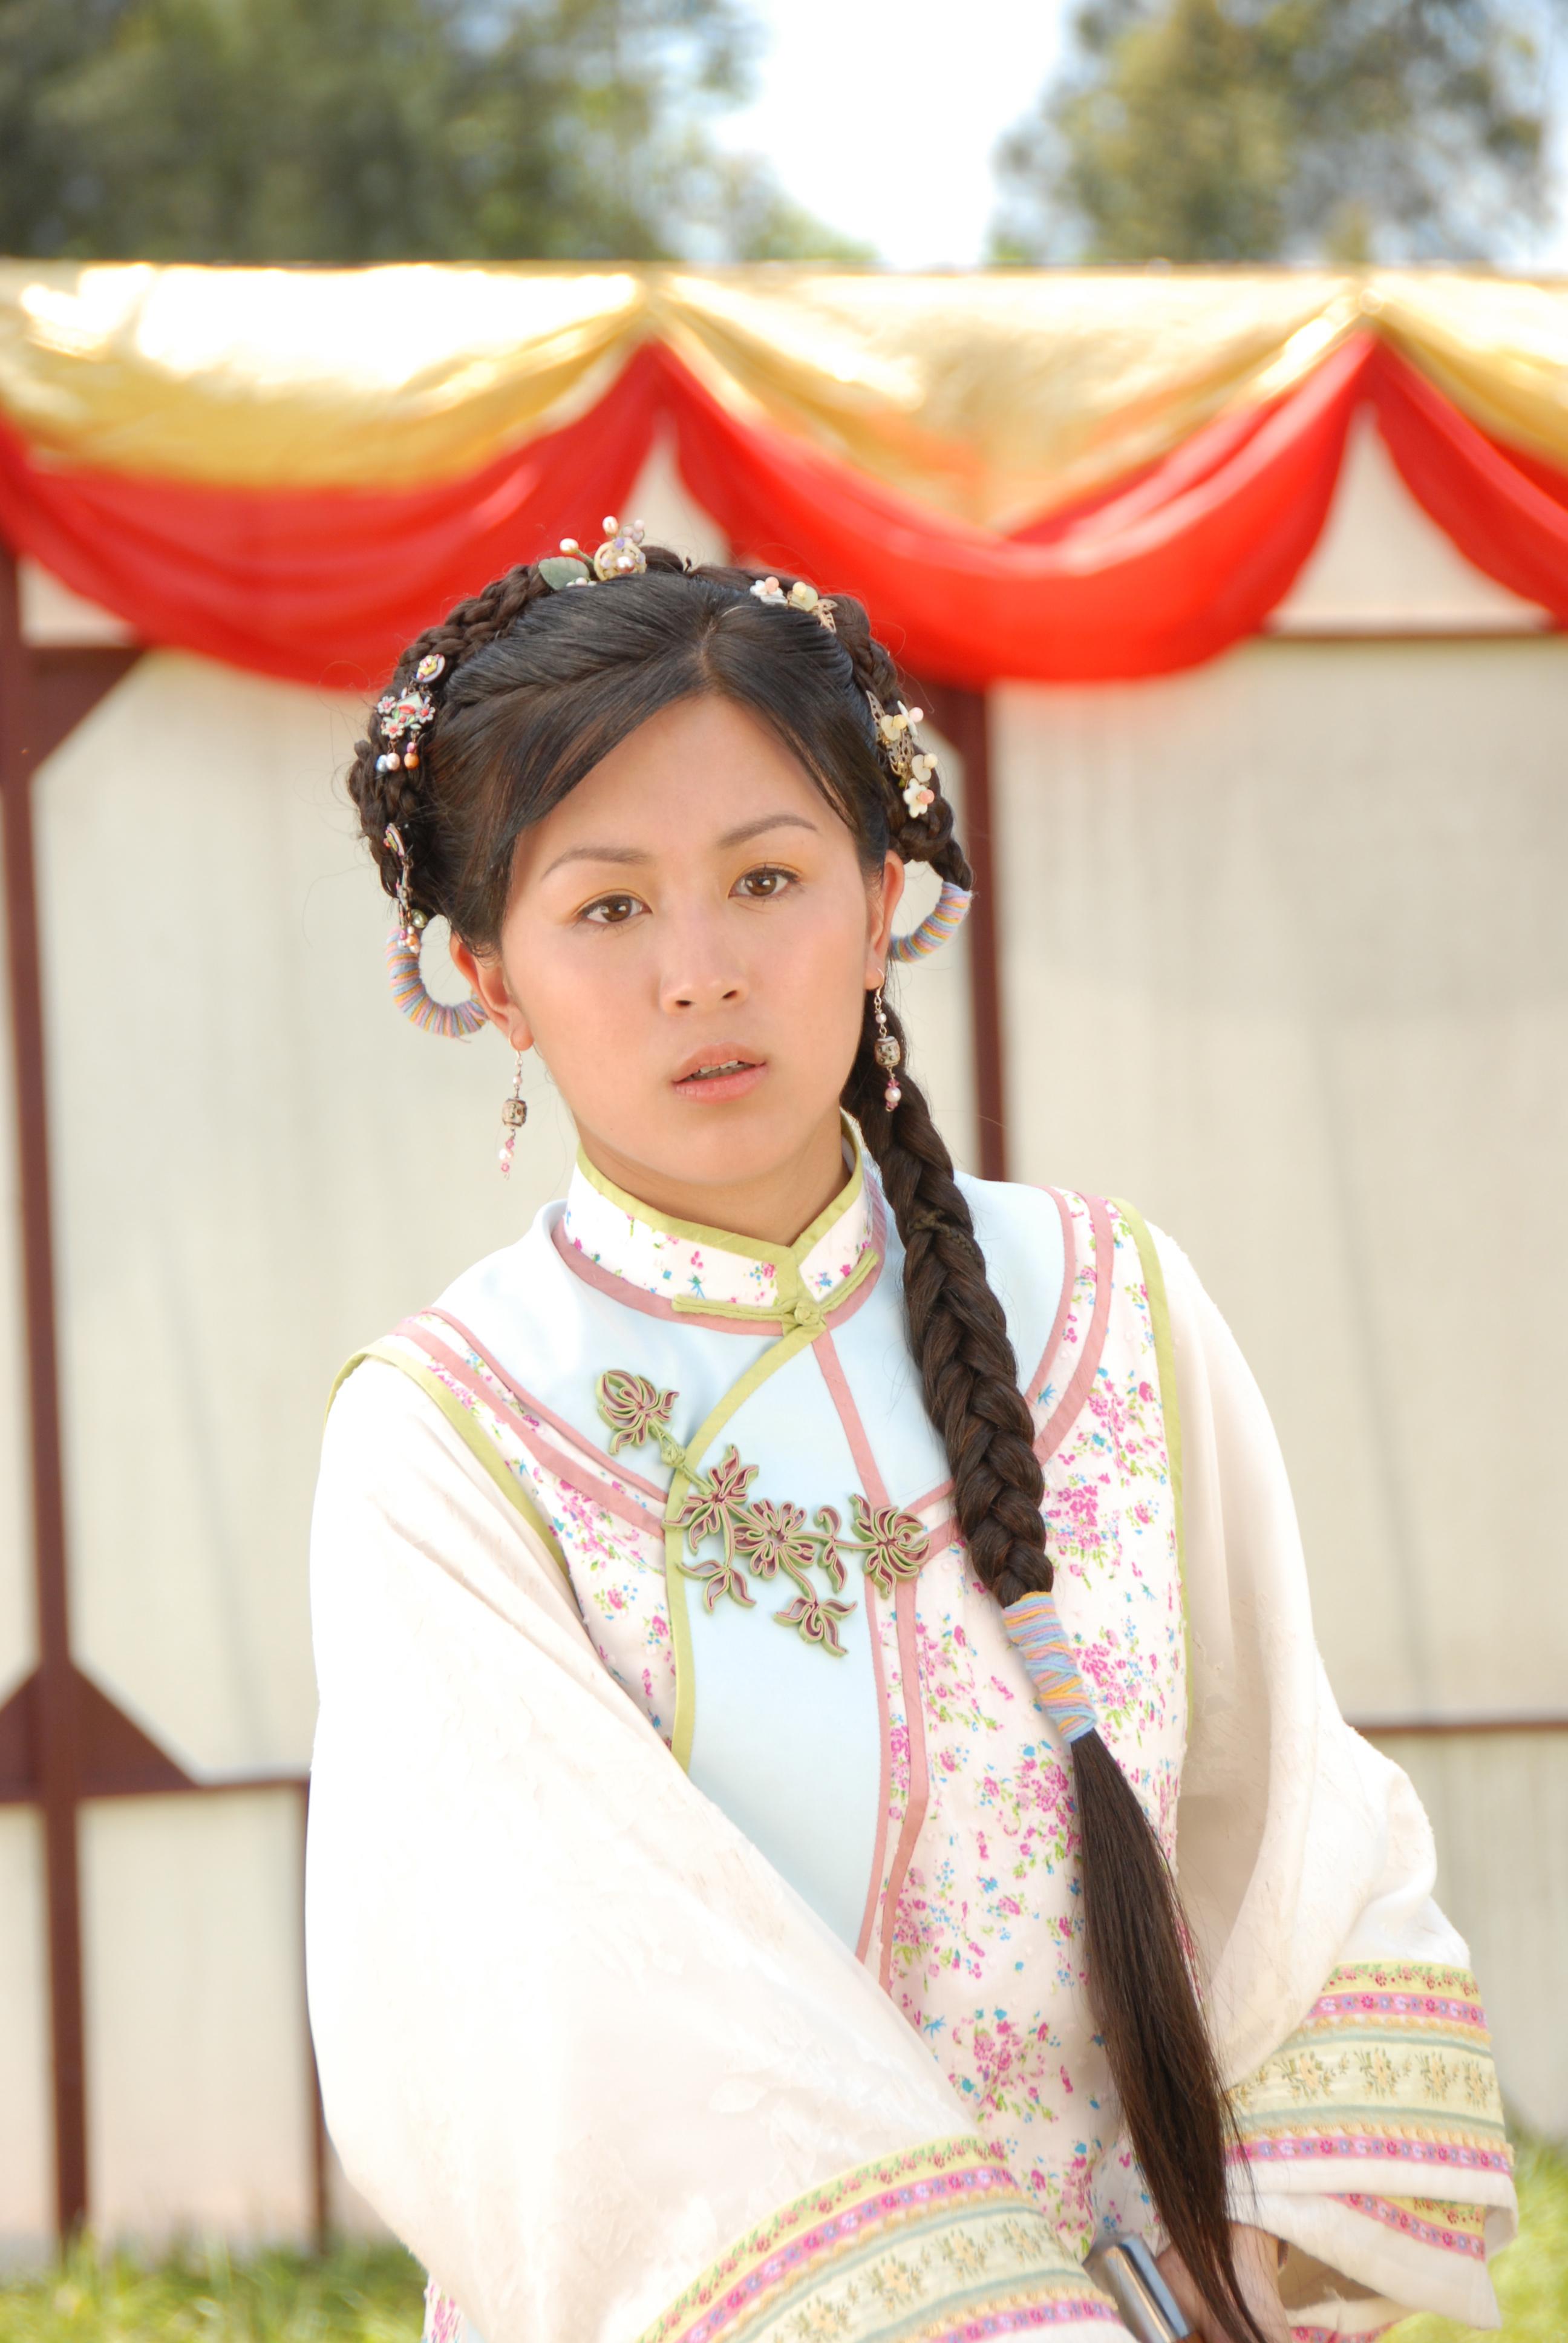 don_0309 - drama pablog - tvb.com